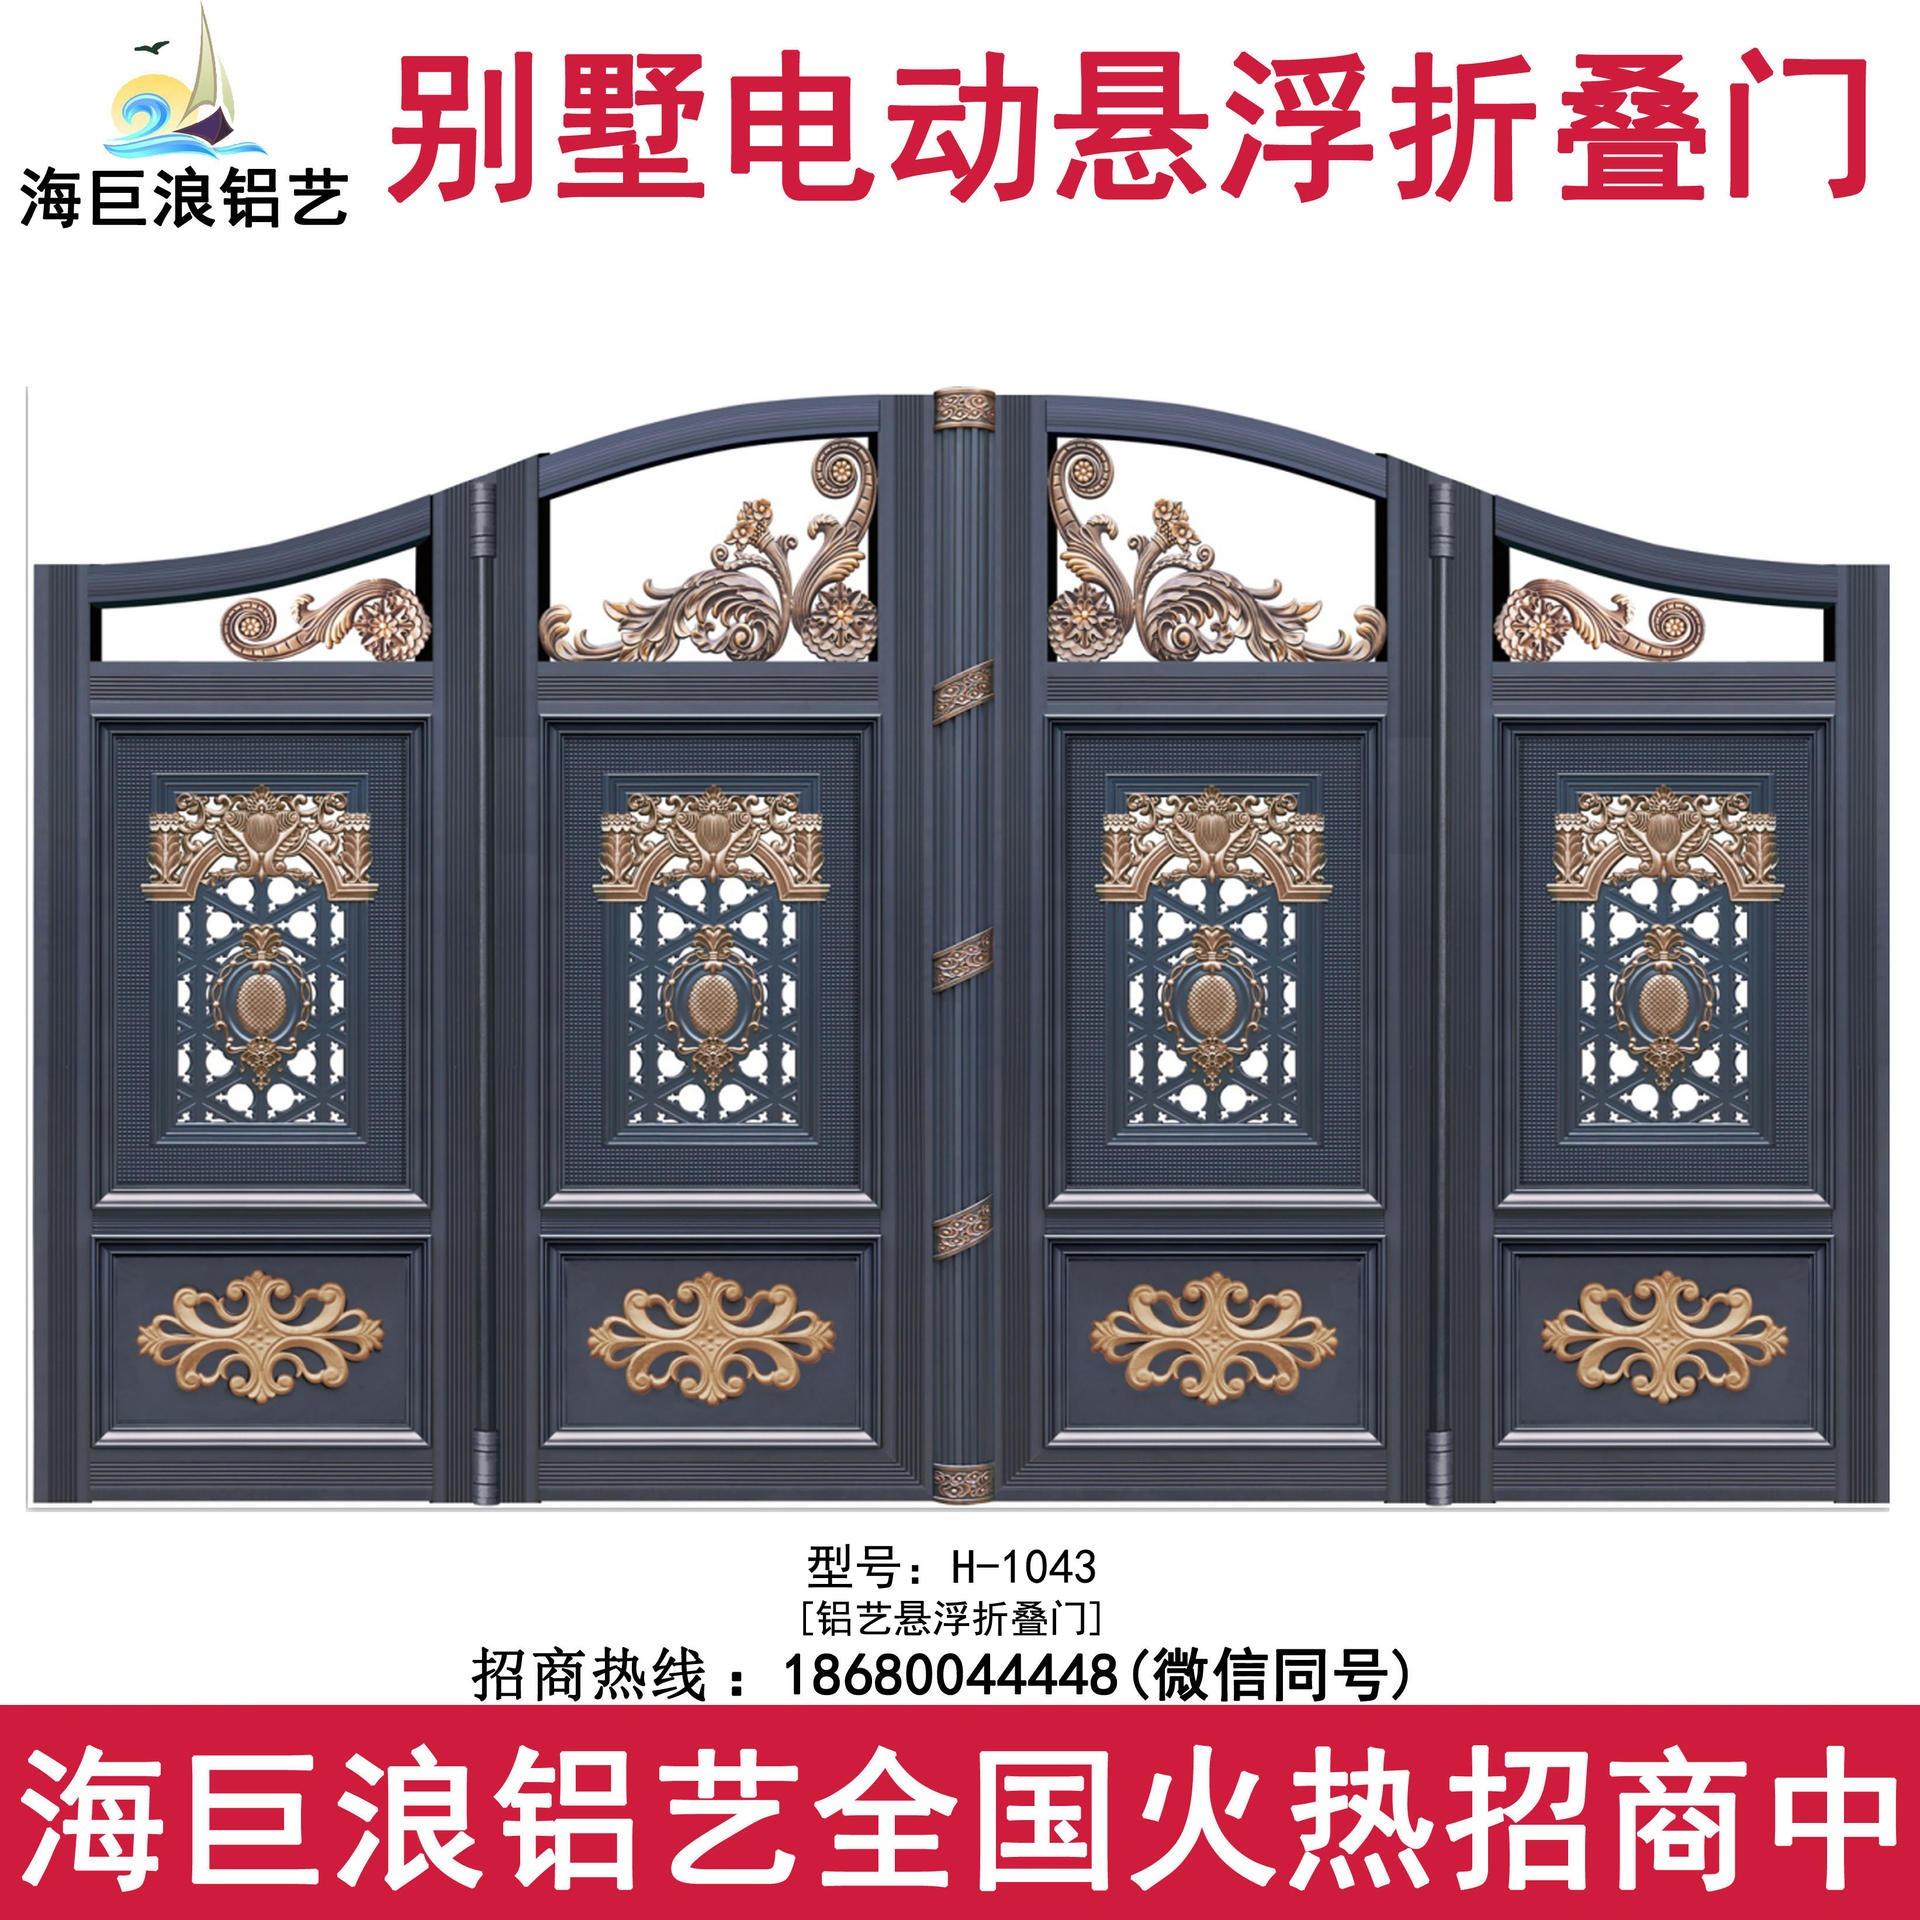 芜湖市电动悬浮折叠门招商加盟 无轨折叠悬浮门批发 悬浮折叠门